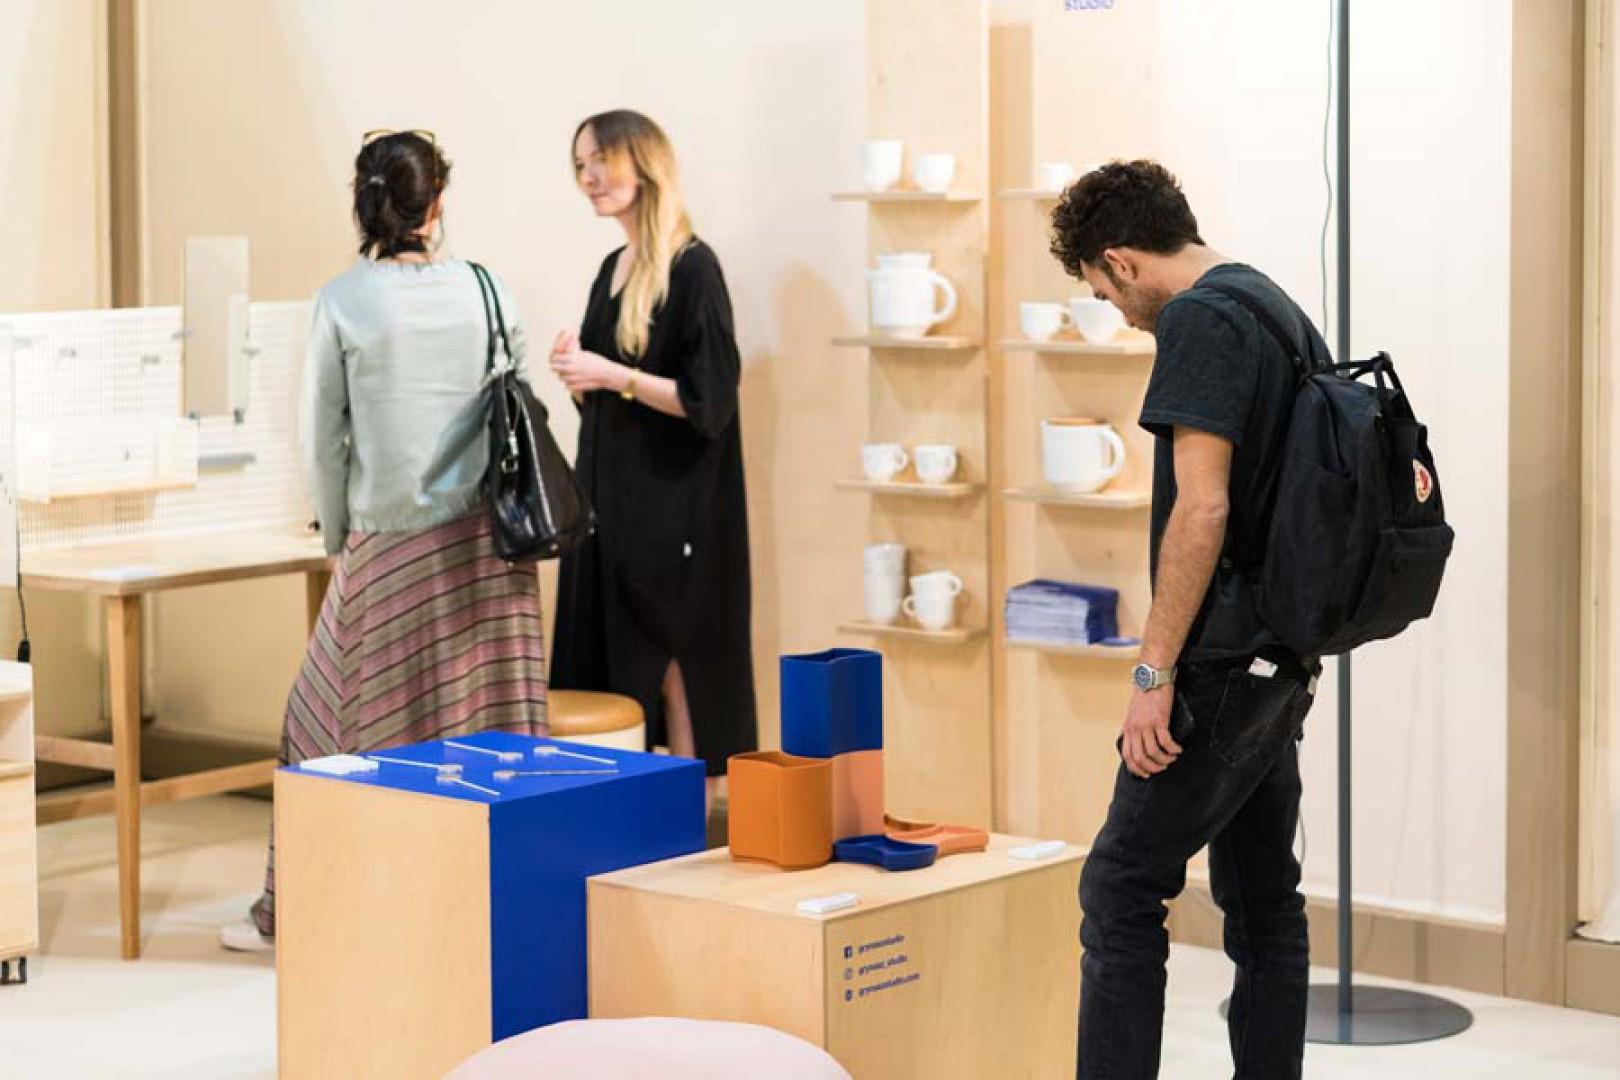 Stoisko Grynasz Studio na targach iSaloni w Mediolanie. Fot. Grynasz Studio